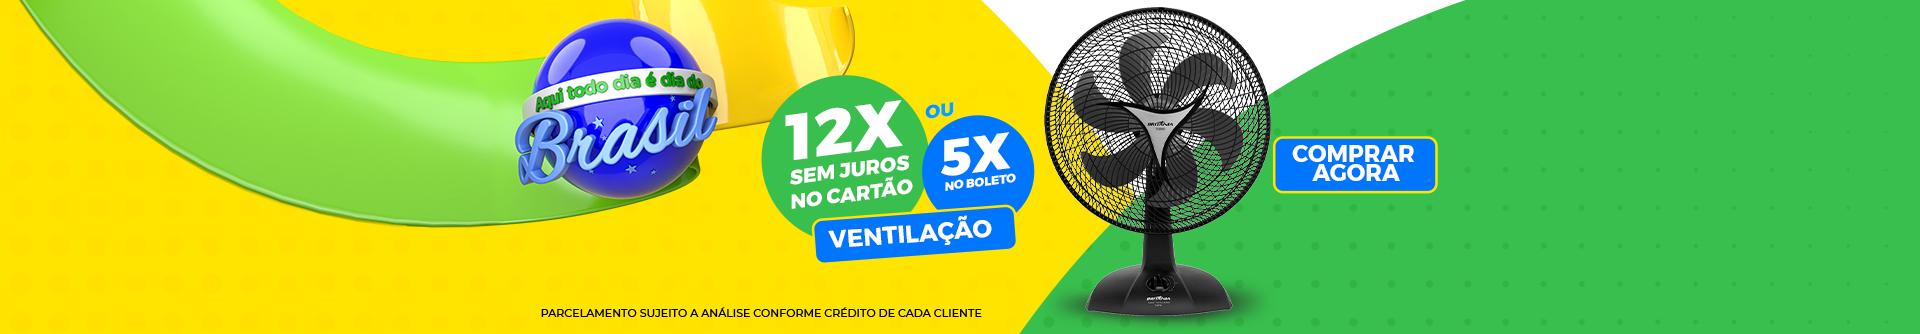 Todo dia é dia de Brasil - Ventilação